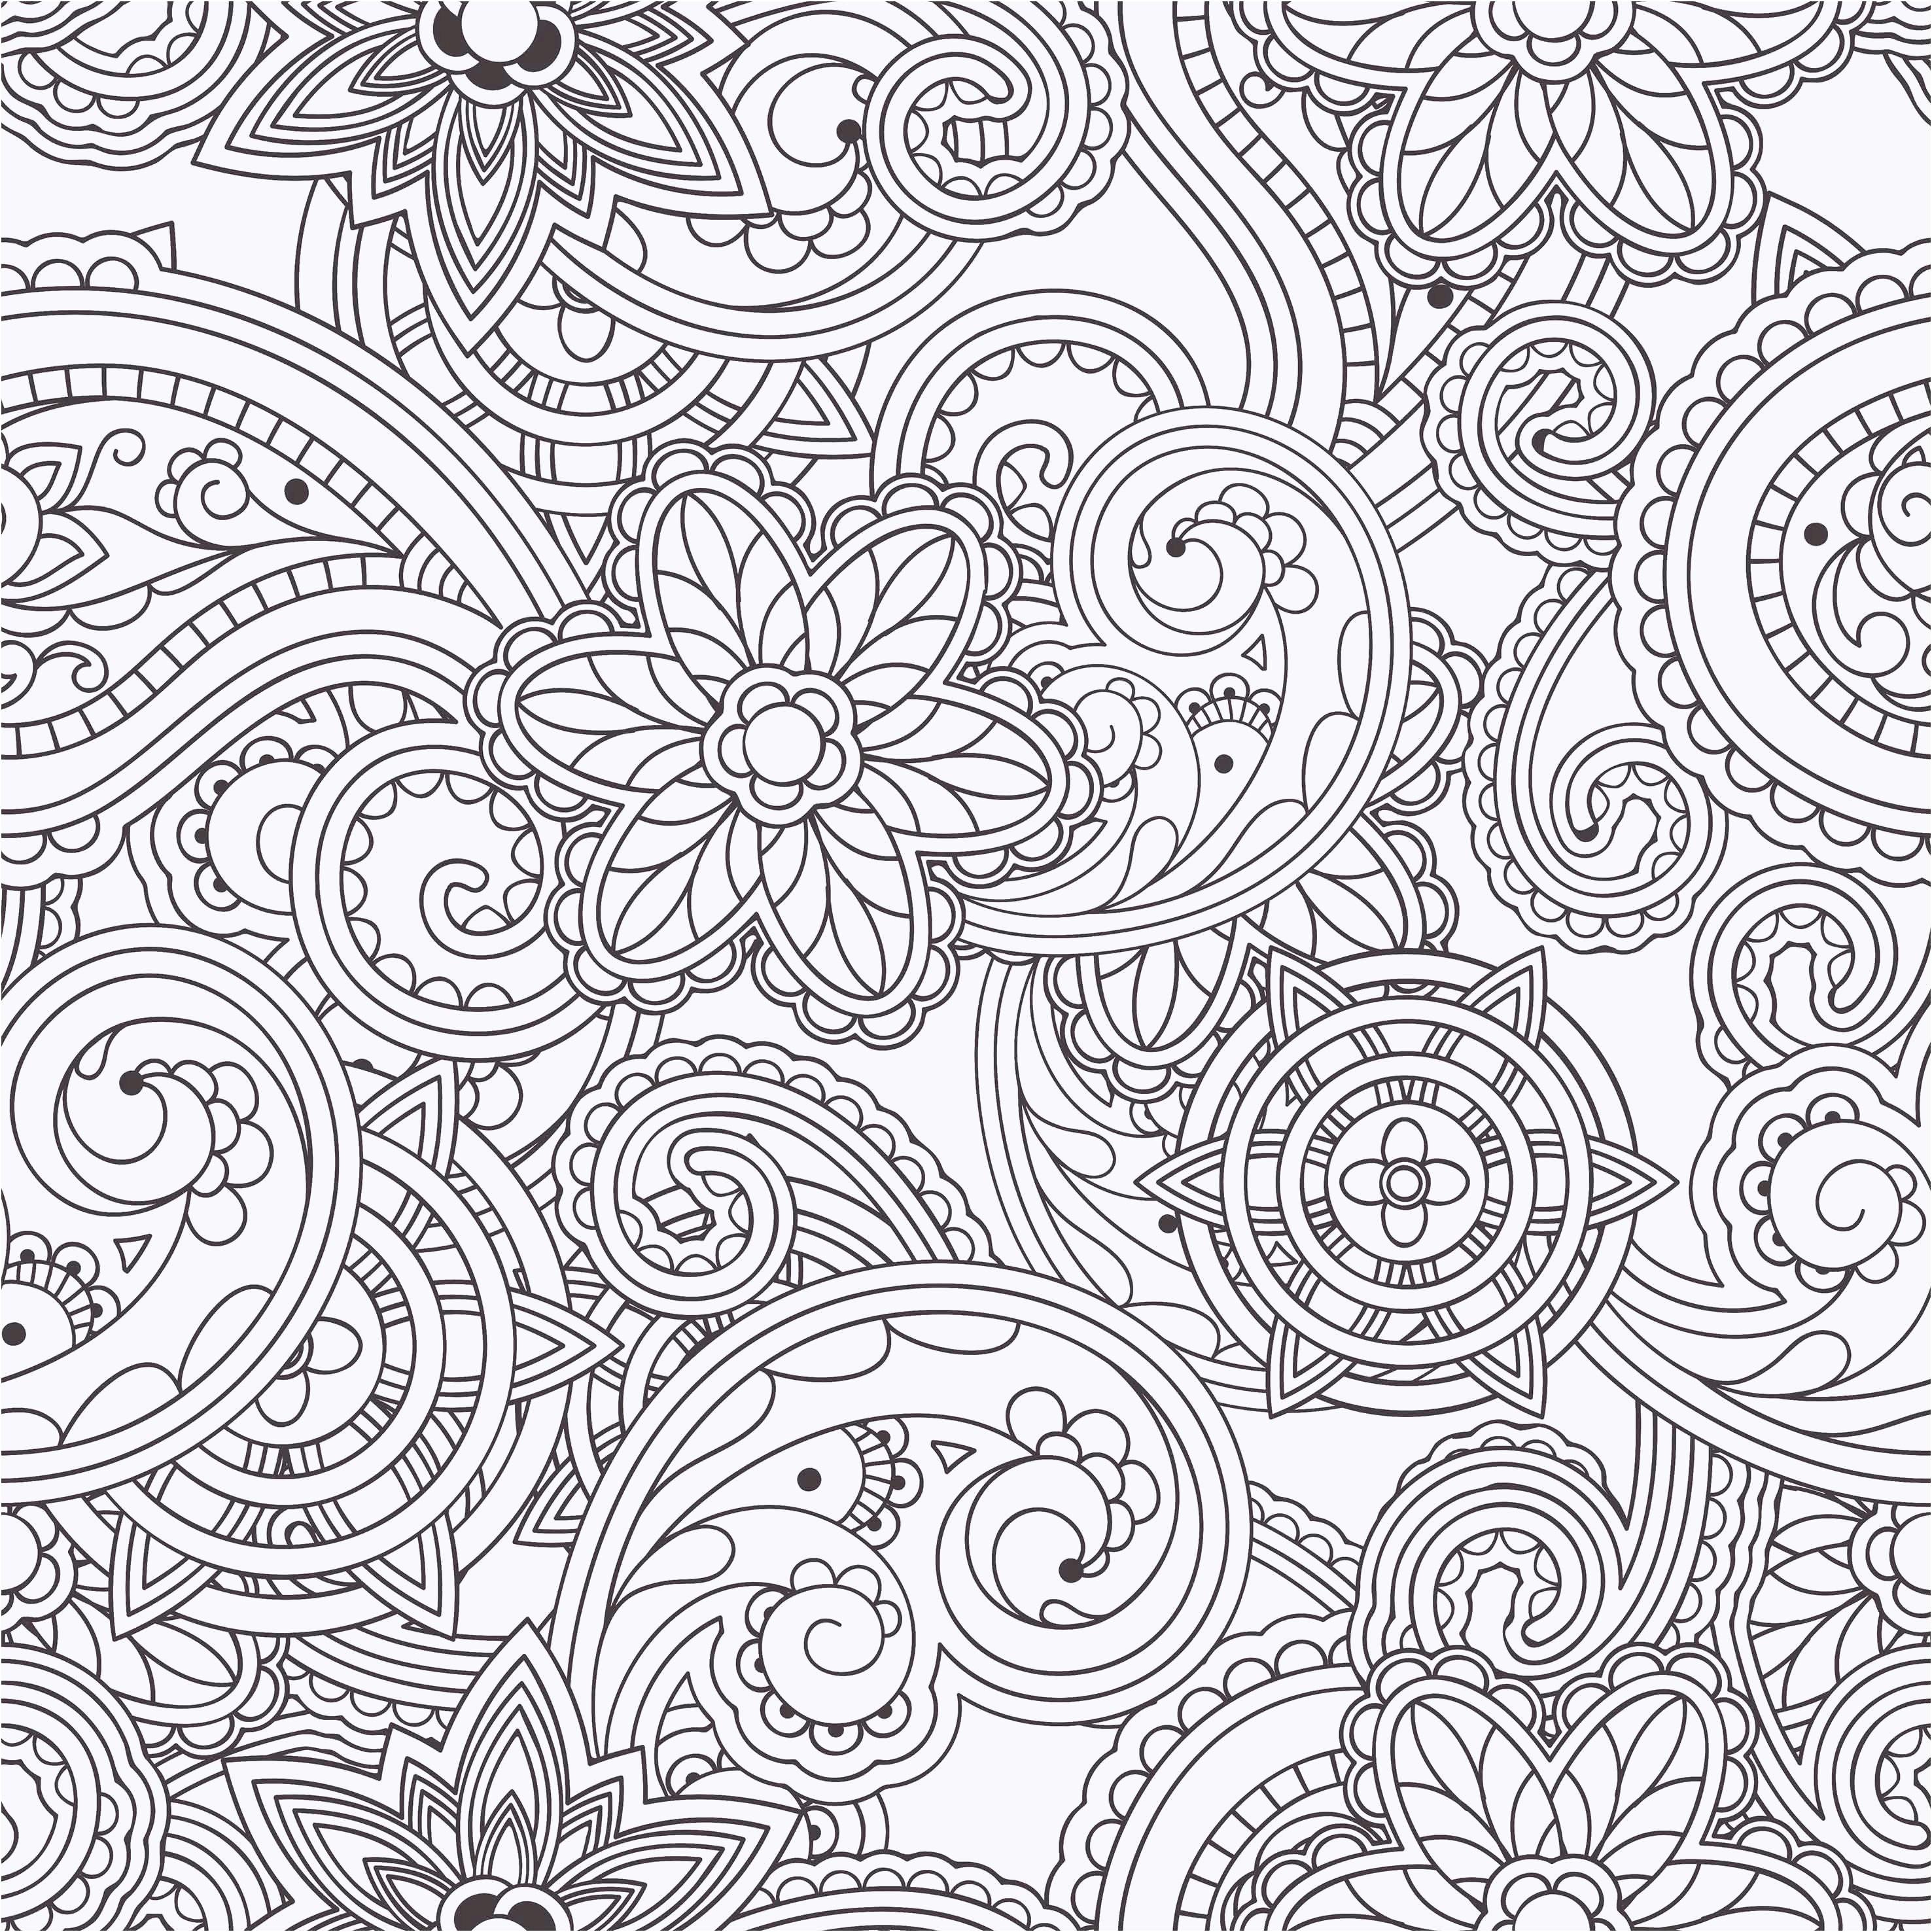 Geometrische Muster Zum Ausmalen Das Beste Von Die Fabelhaften Ausmalbilder Muster Fotografieren